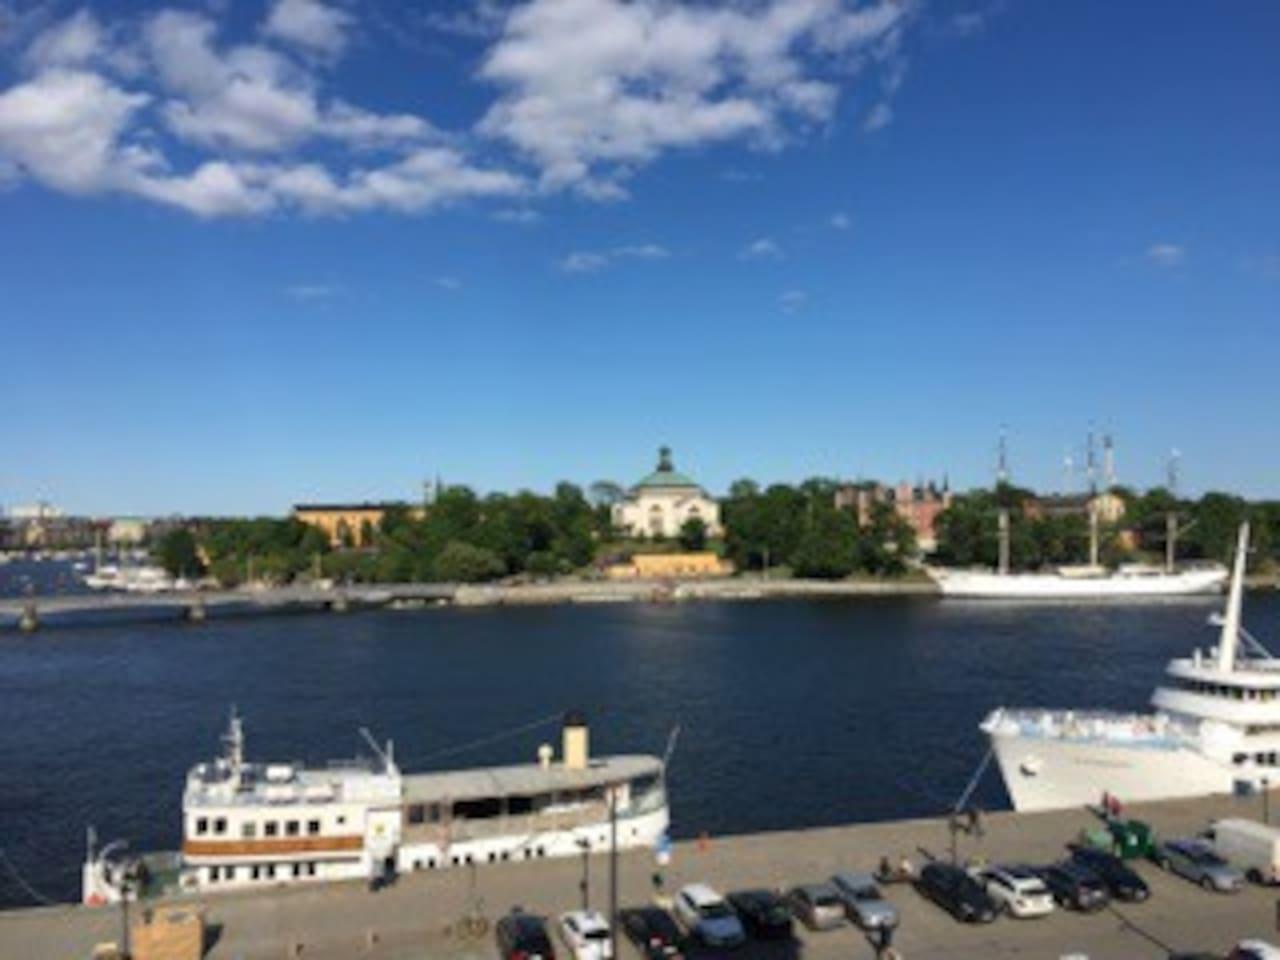 Topp 20 b&b stockholm: värdshus och b&b – airbnb stockholm: bed ...